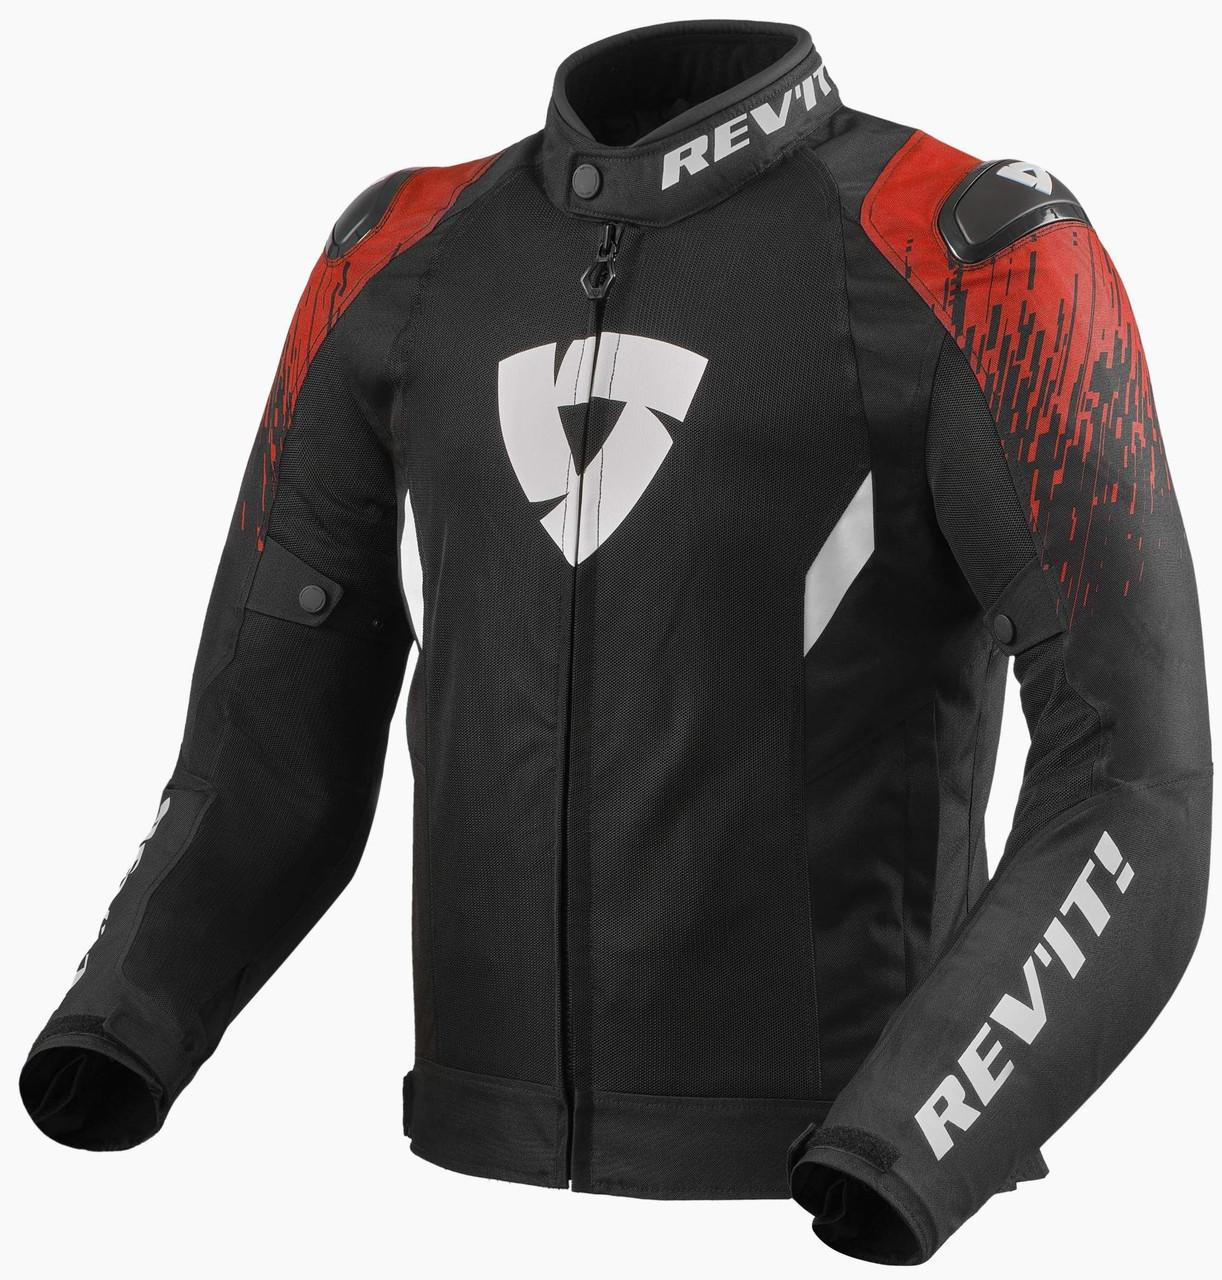 Мотокуртка текстильна Revit Quantum 2 Air чорний/червоний, XXL